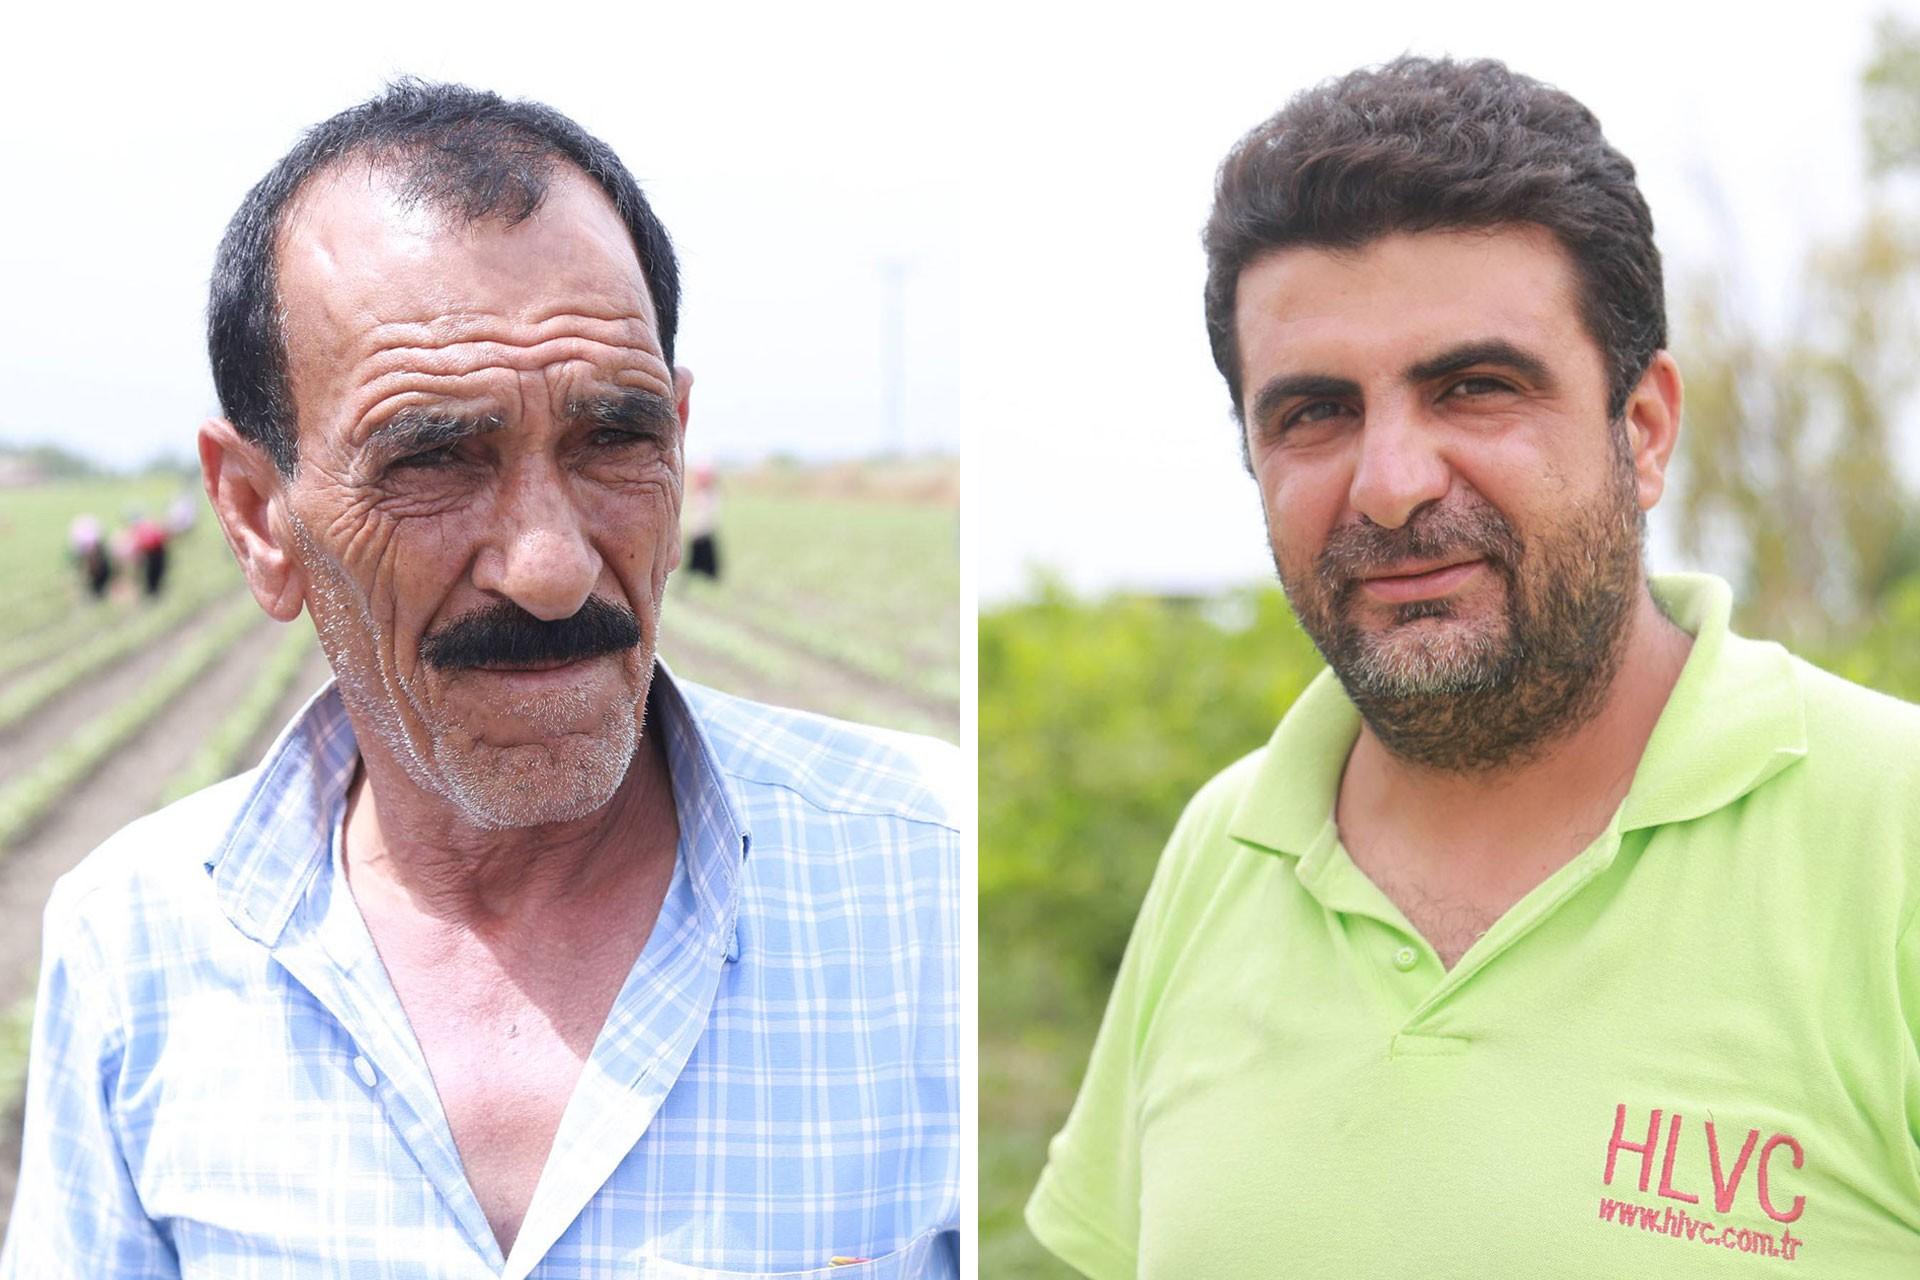 Adana'da çiftçiler kriz batağında: Borcu borçla kapatıyoruz